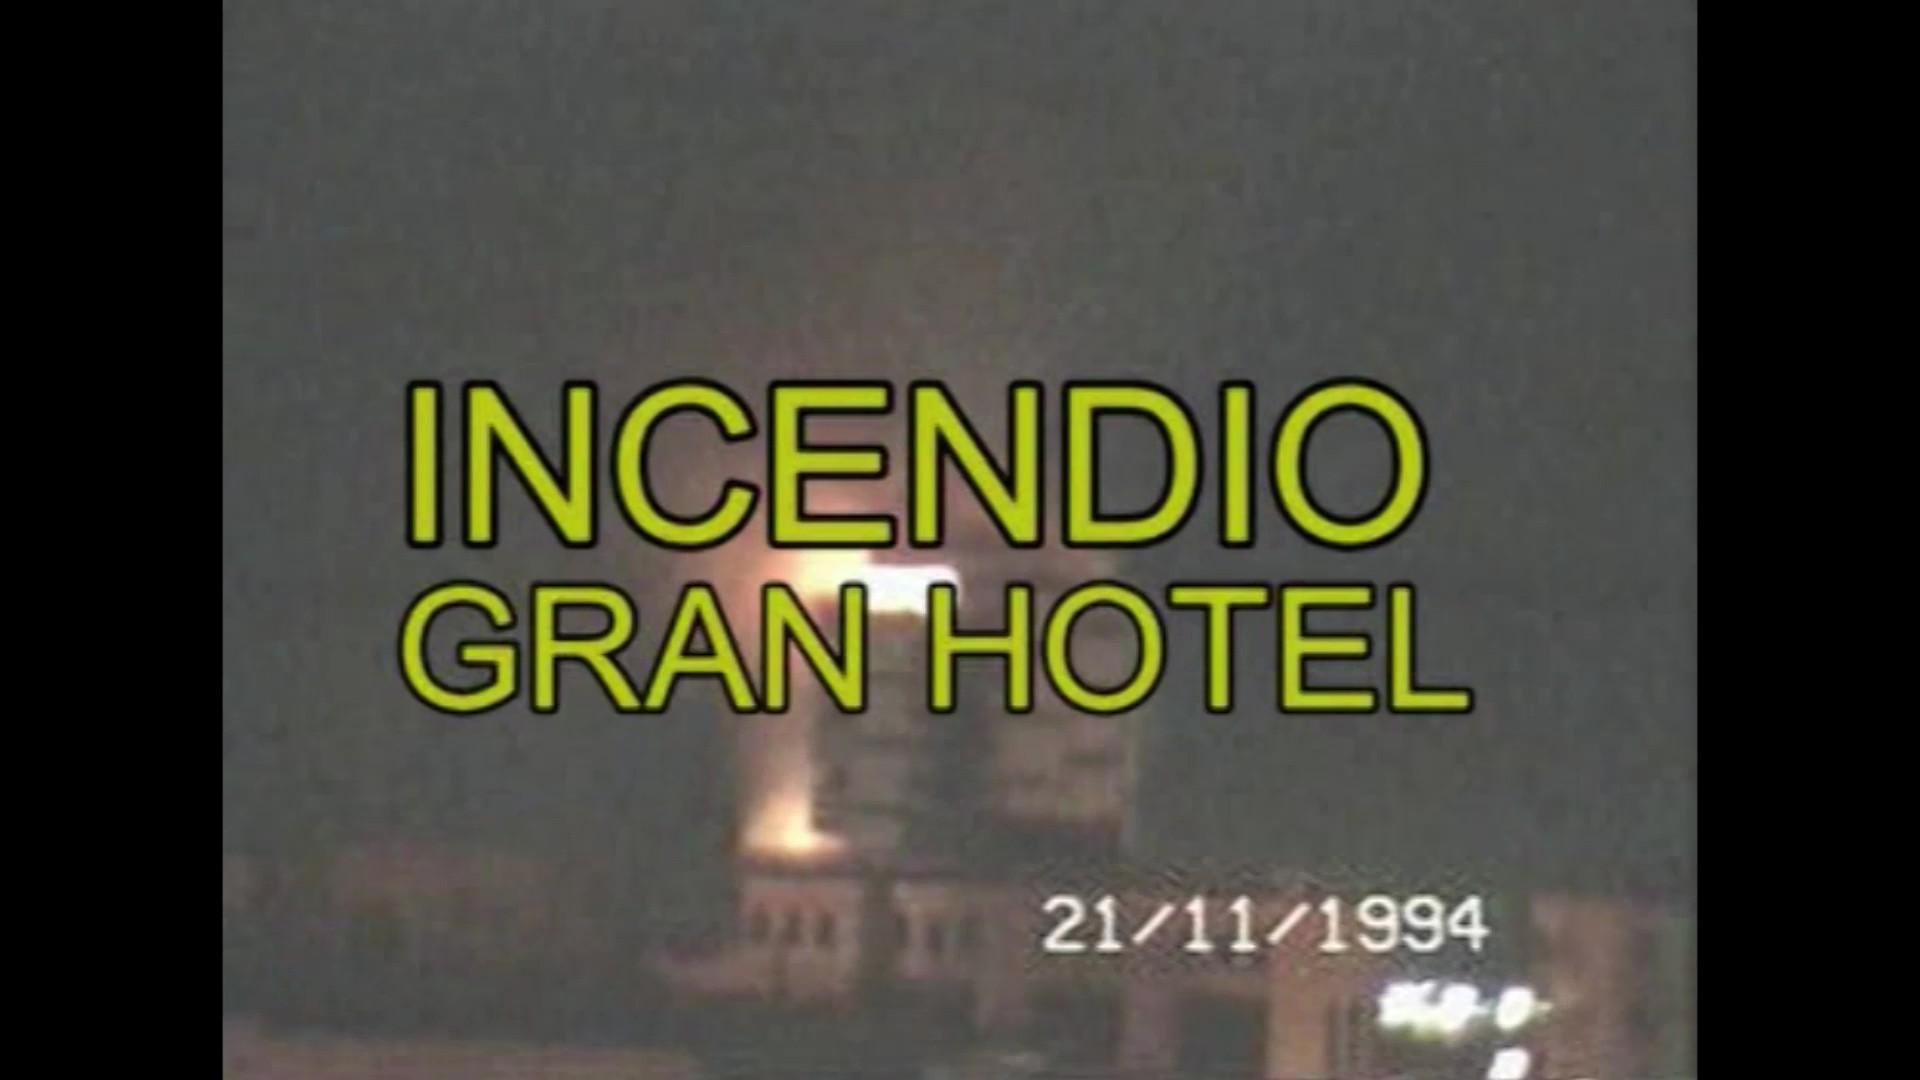 Incendio del Gran Hotel (1994)